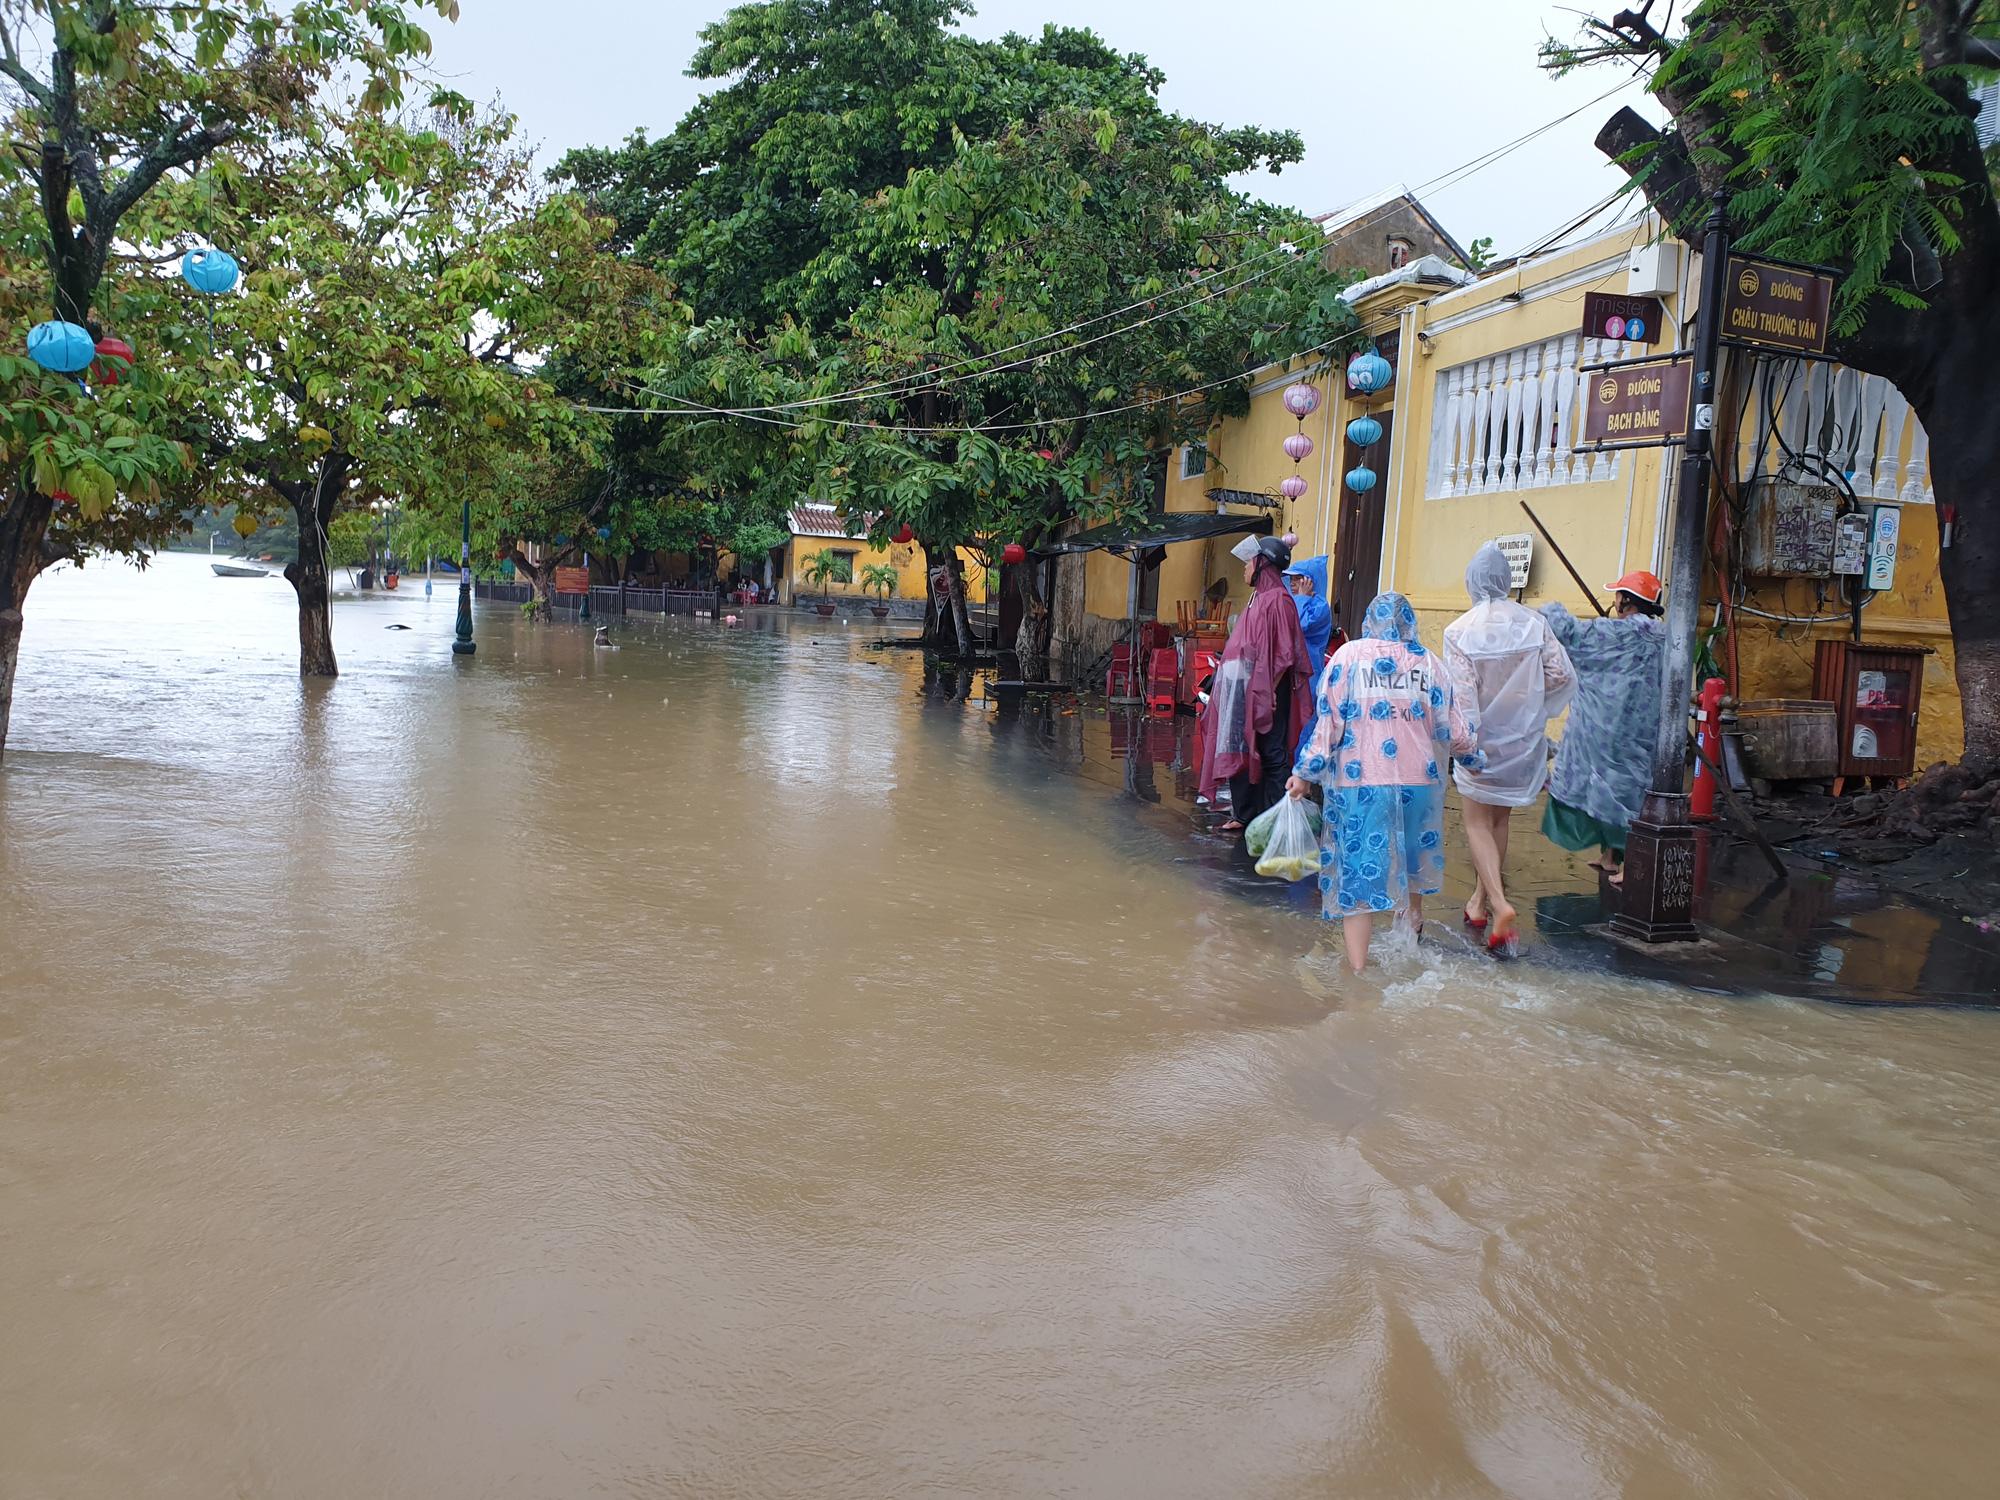 Quảng Nam: Nước sông Hoài dâng cao, đường ở phố cổ Hội An ngập hơn 50cm - Ảnh 3.